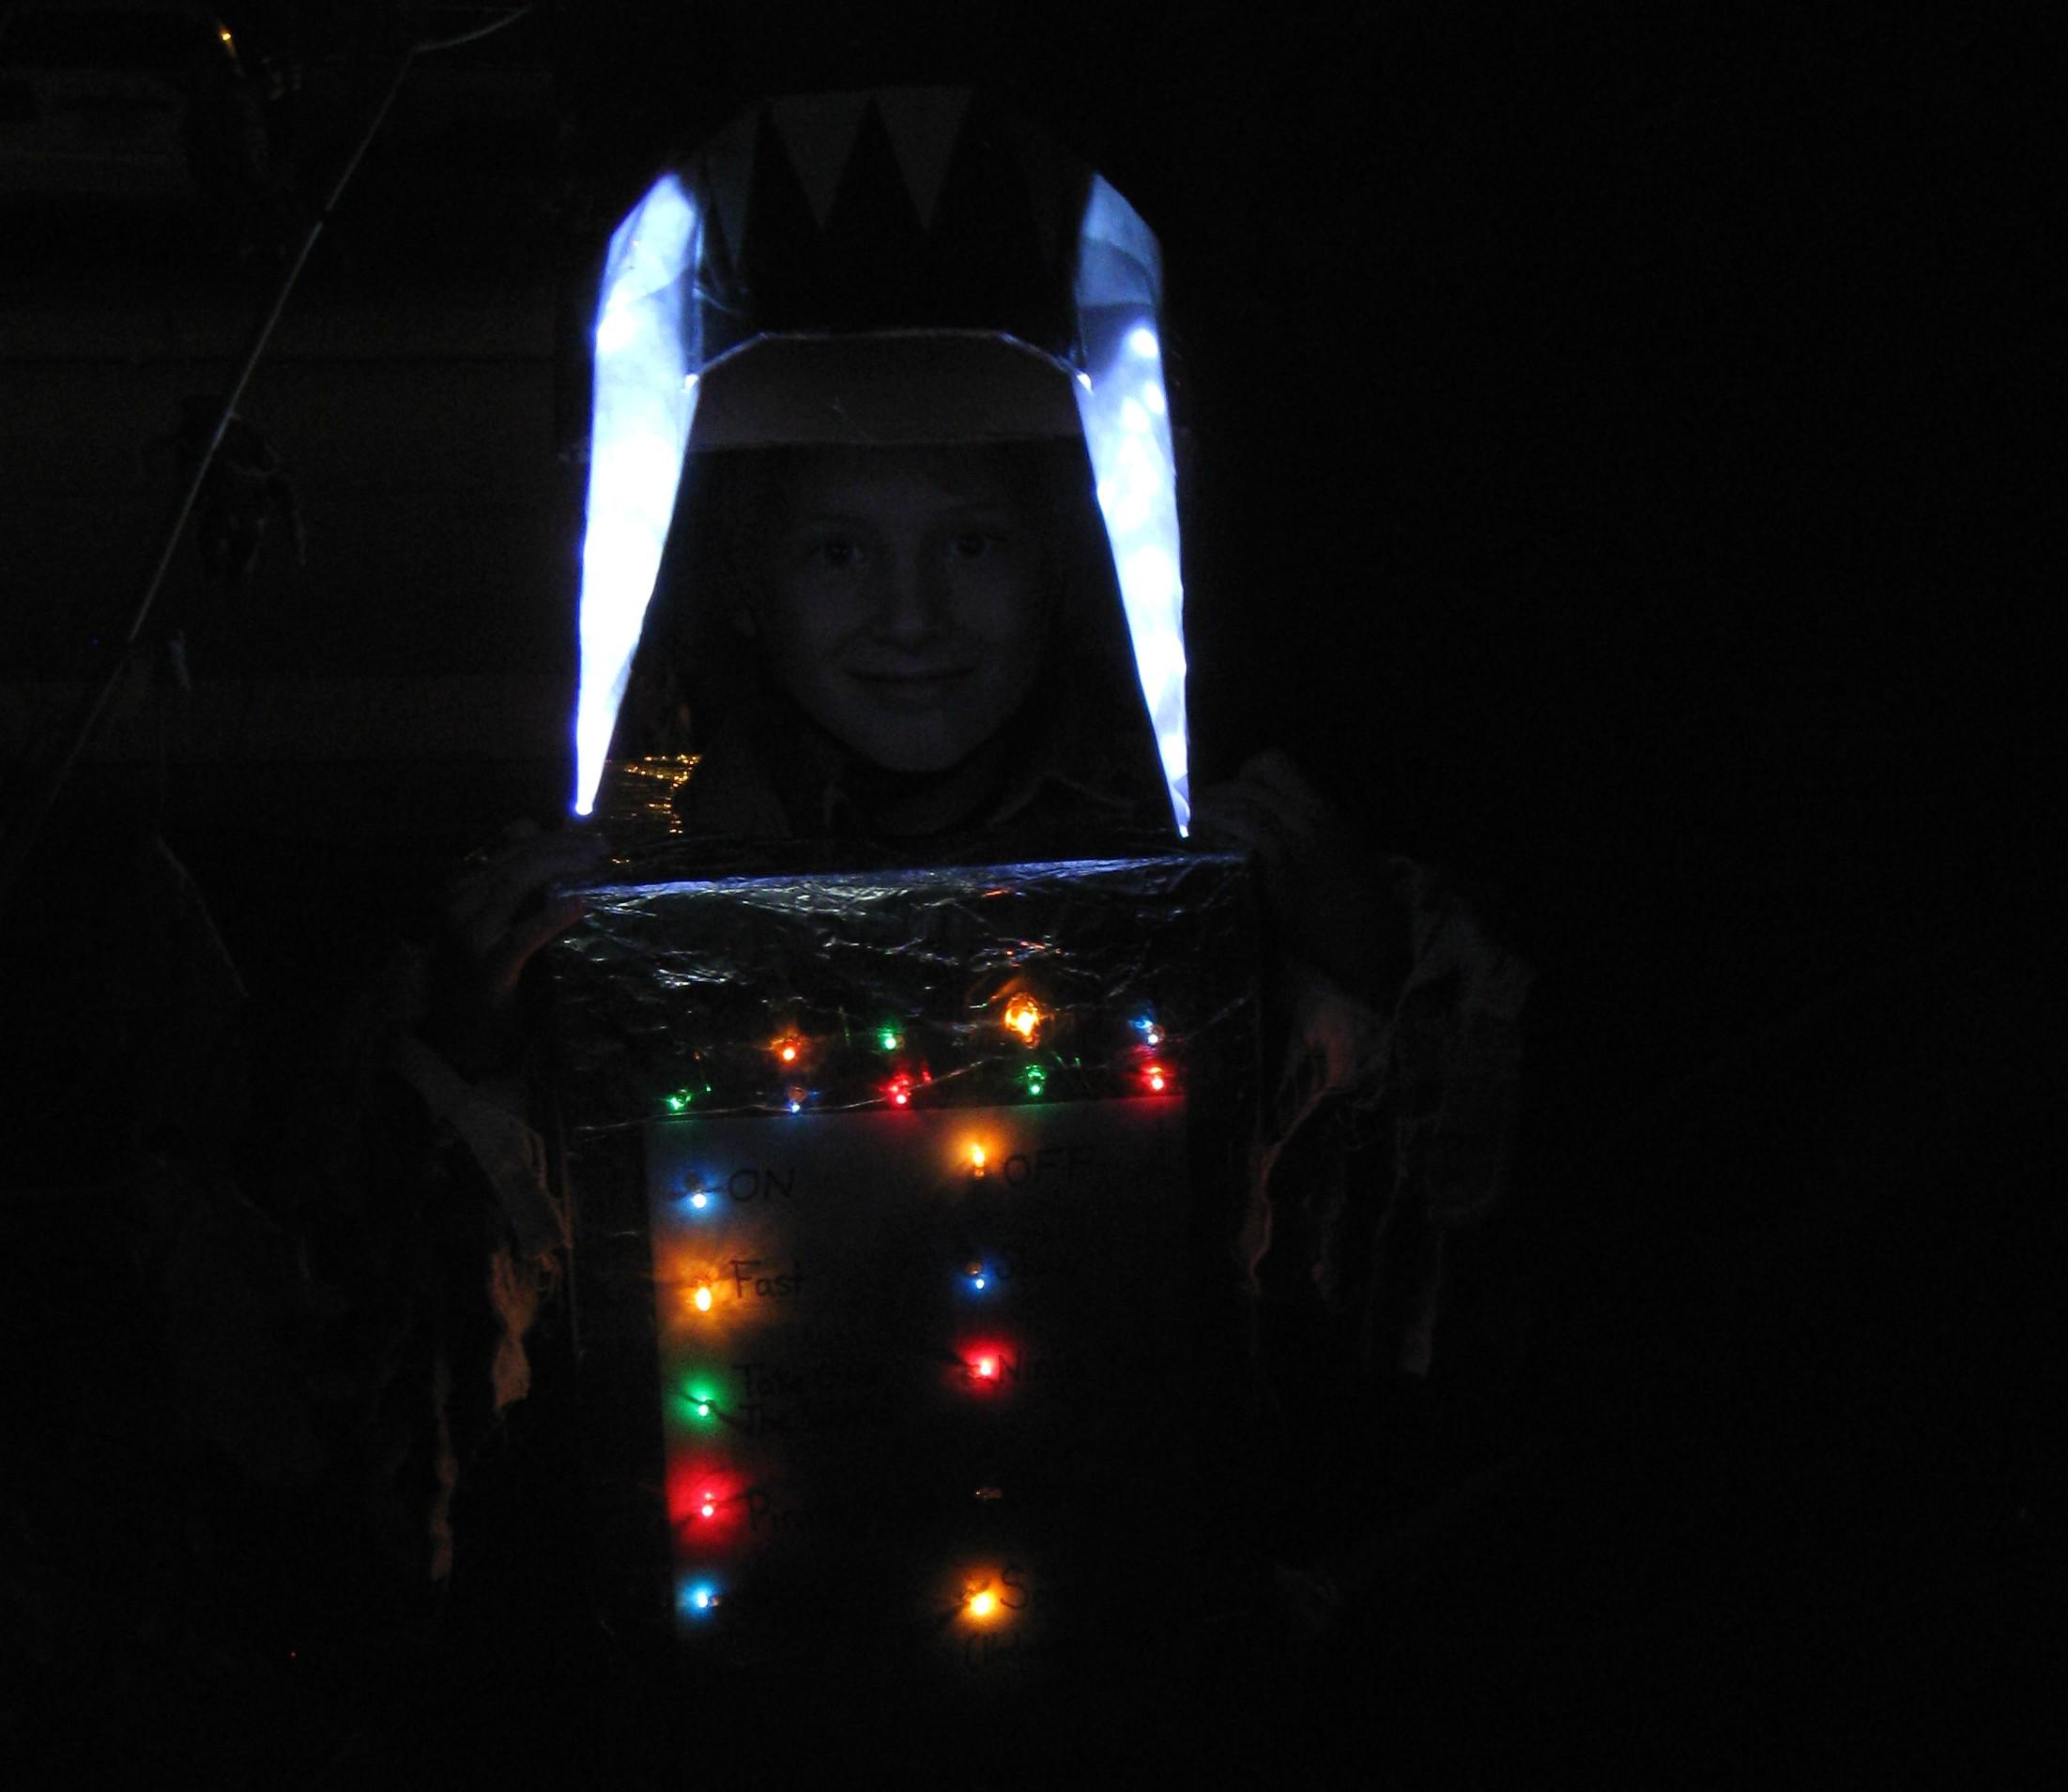 20111031-solly-01-e1399380383386.jpg